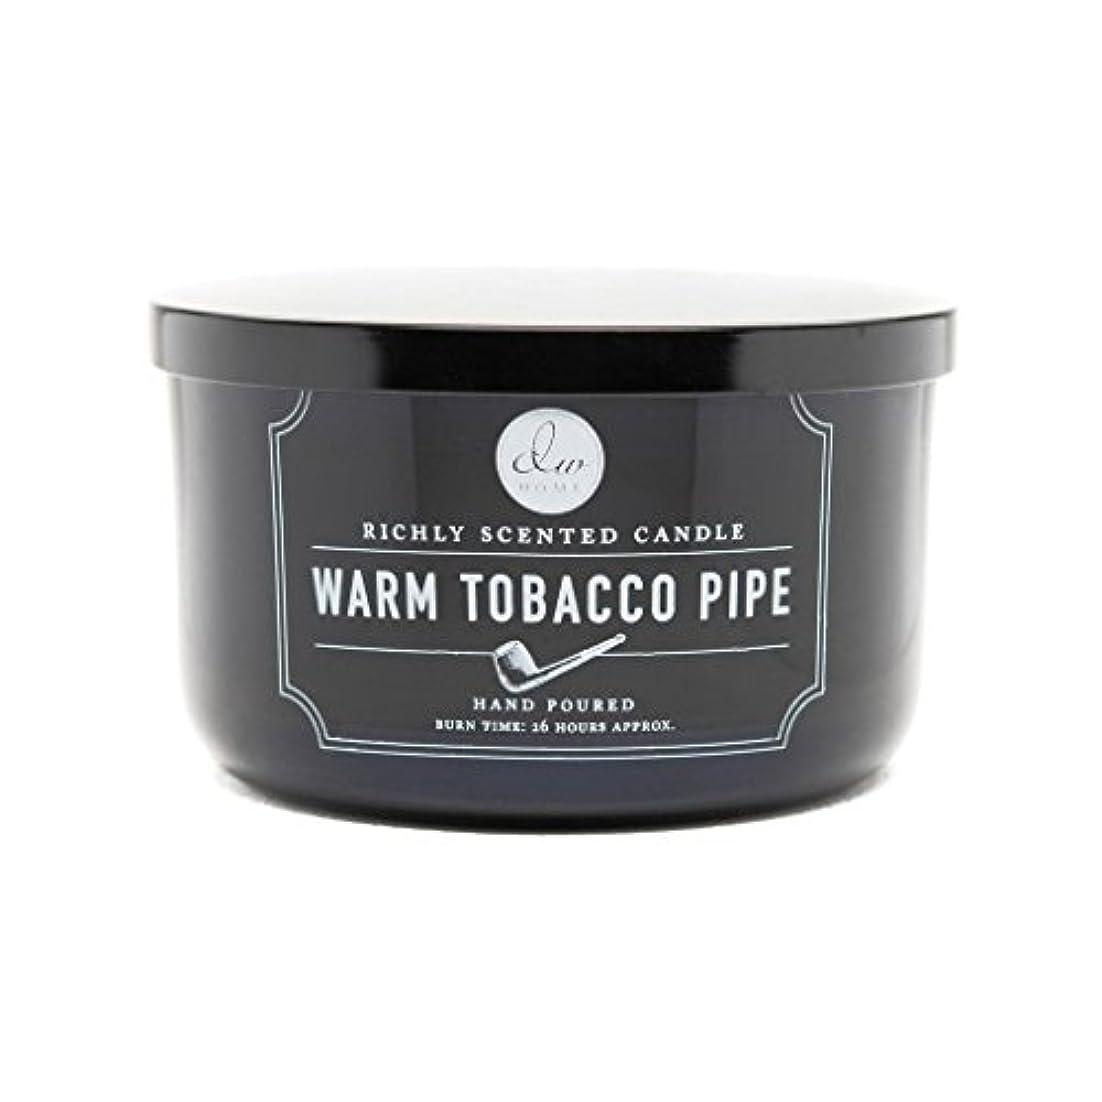 レイア爵リッチDecoware Richly Scented Warm Tobacco Pipe 3-Wick Candle 13.8 Oz. In Glass by Decoware